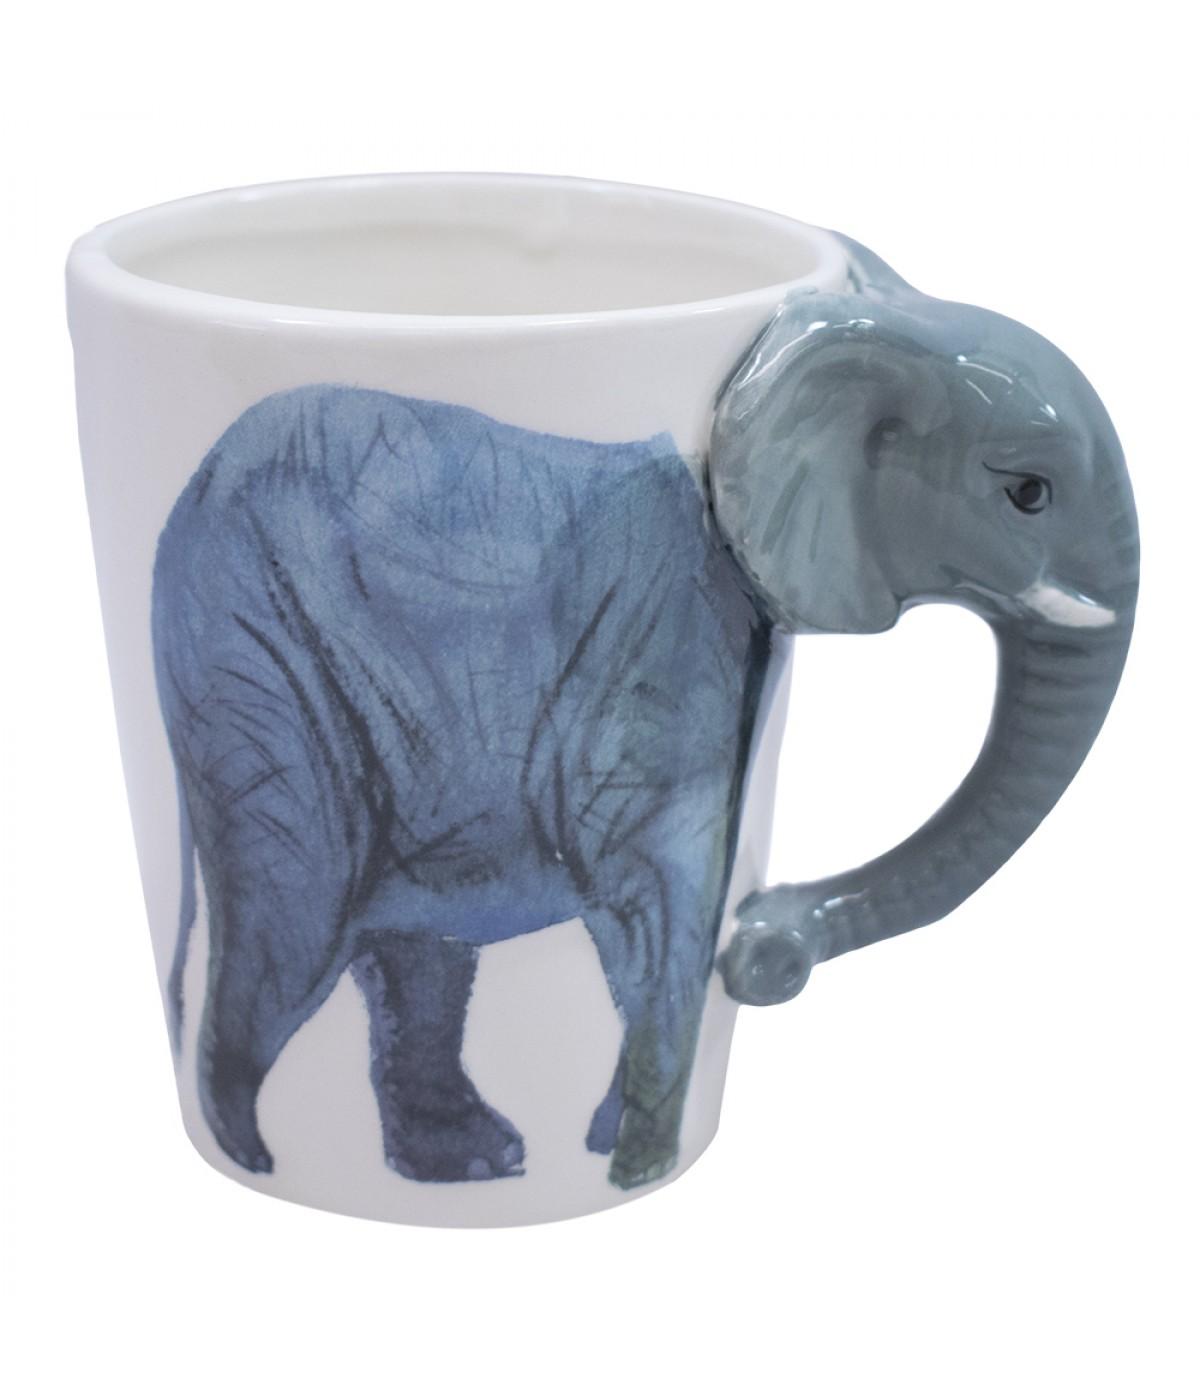 36f3f98e2 Caneca de porcelana alça elefante 320ml ...